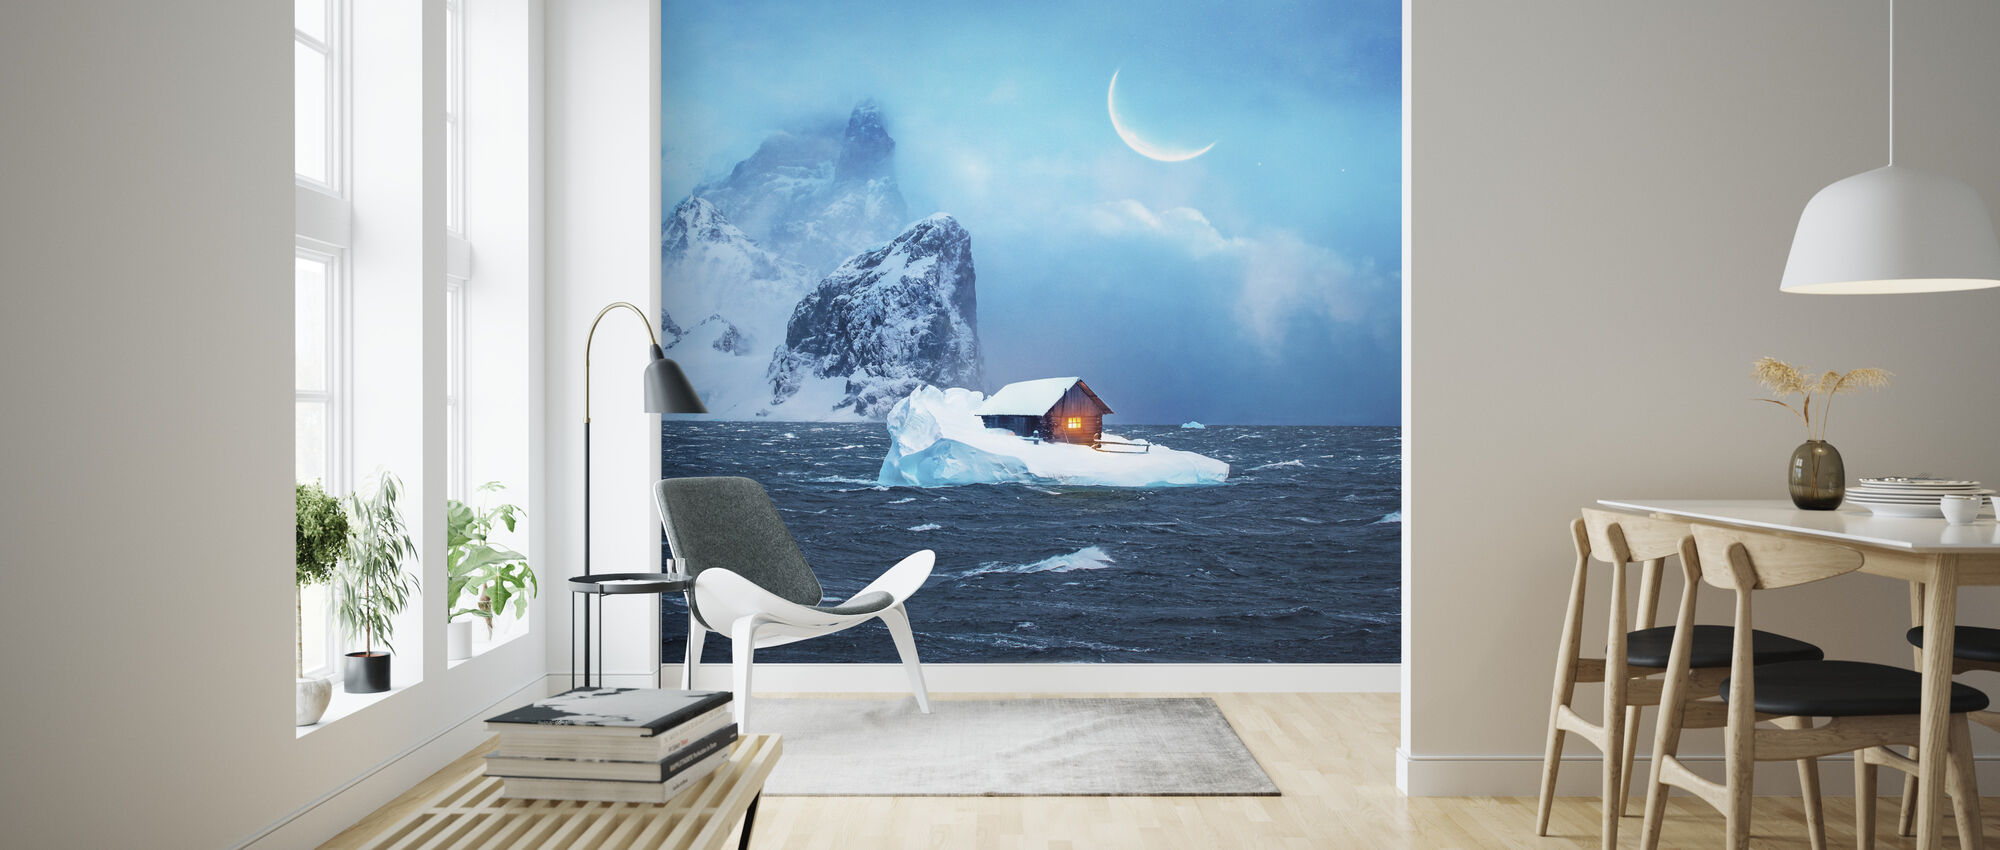 Last Spring - Wallpaper - Living Room